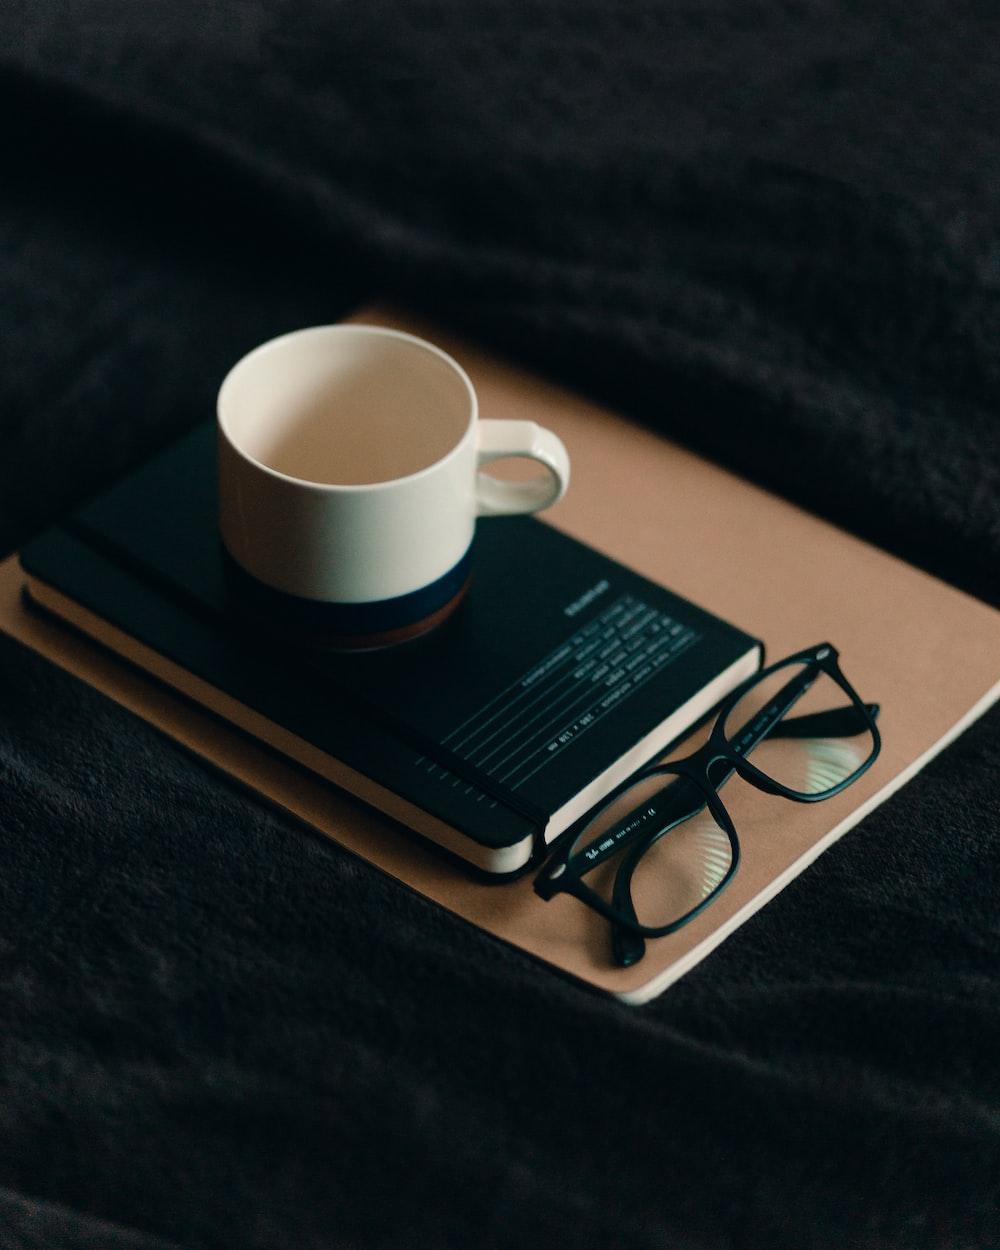 white ceramic mug on brown book